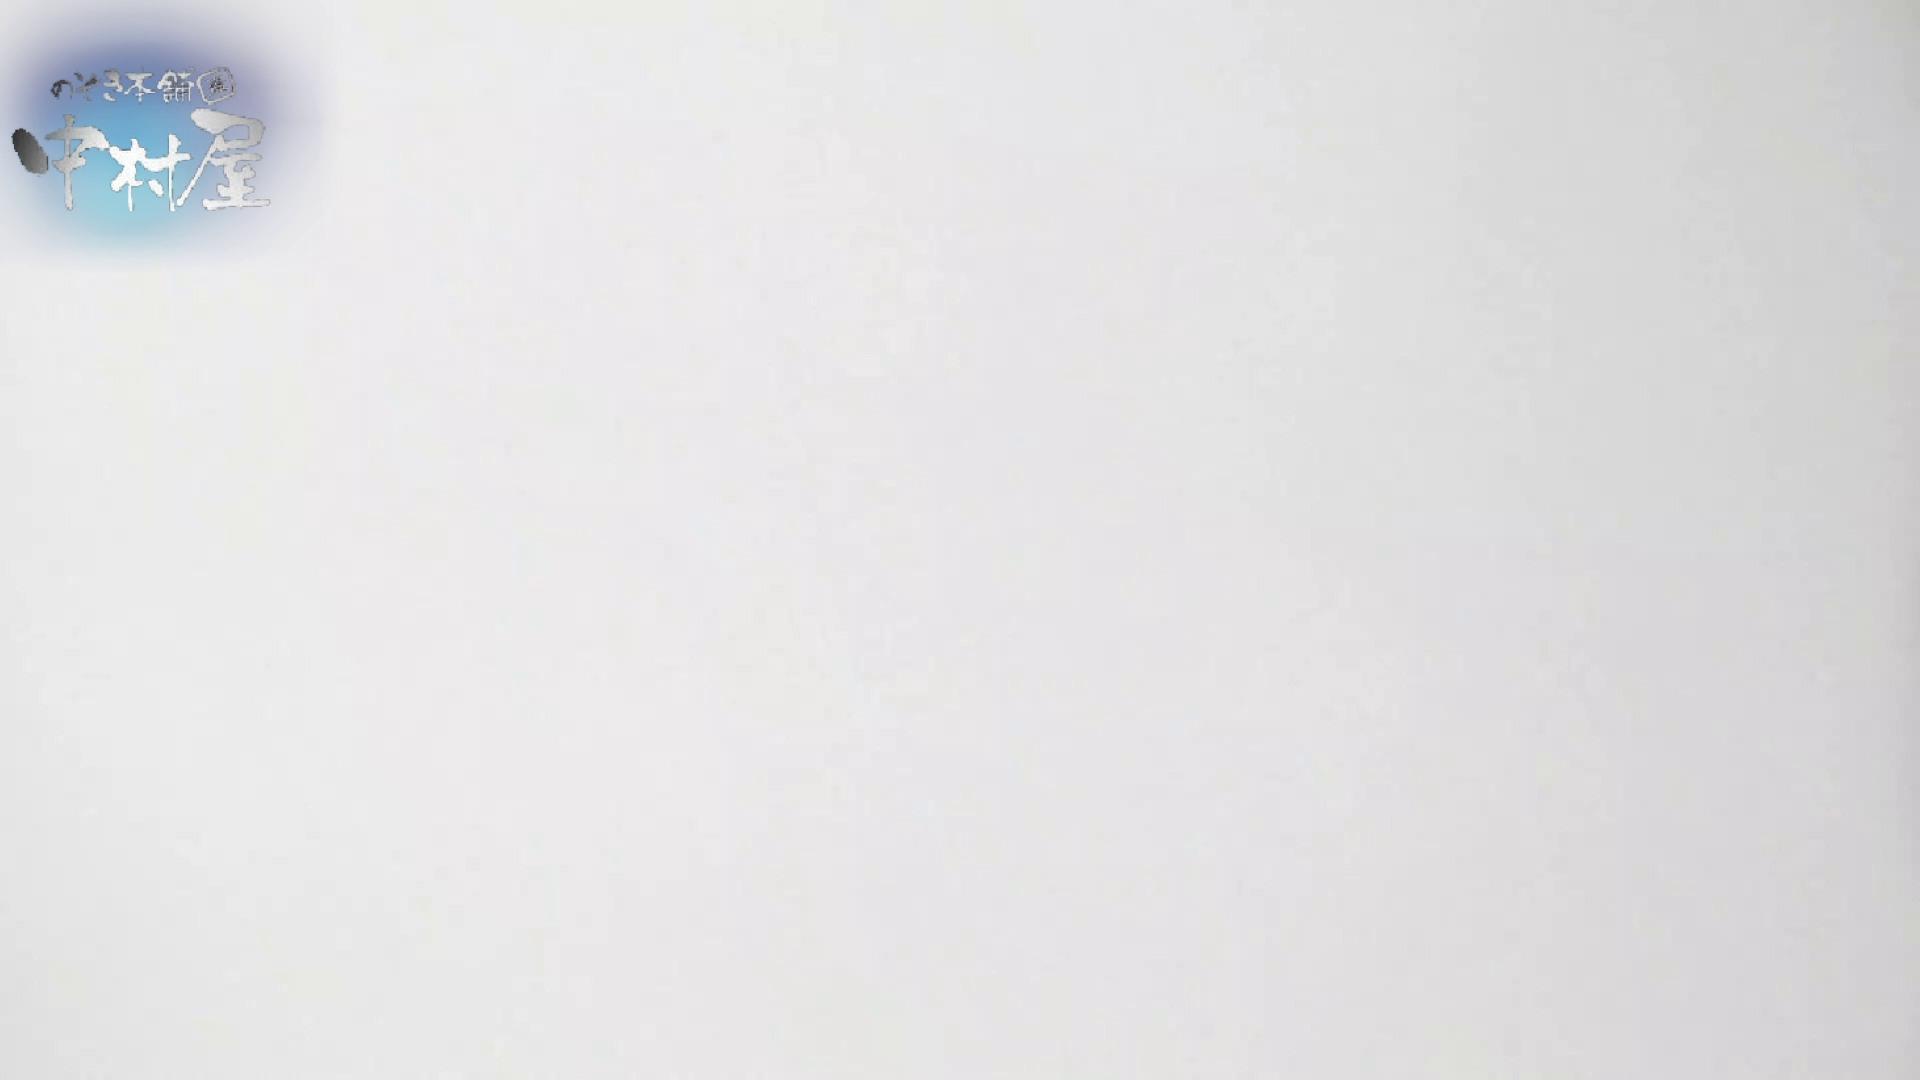 乙女集まる!ショッピングモール潜入撮vol.05 トイレの中の女の子 性交動画流出 51連発 4